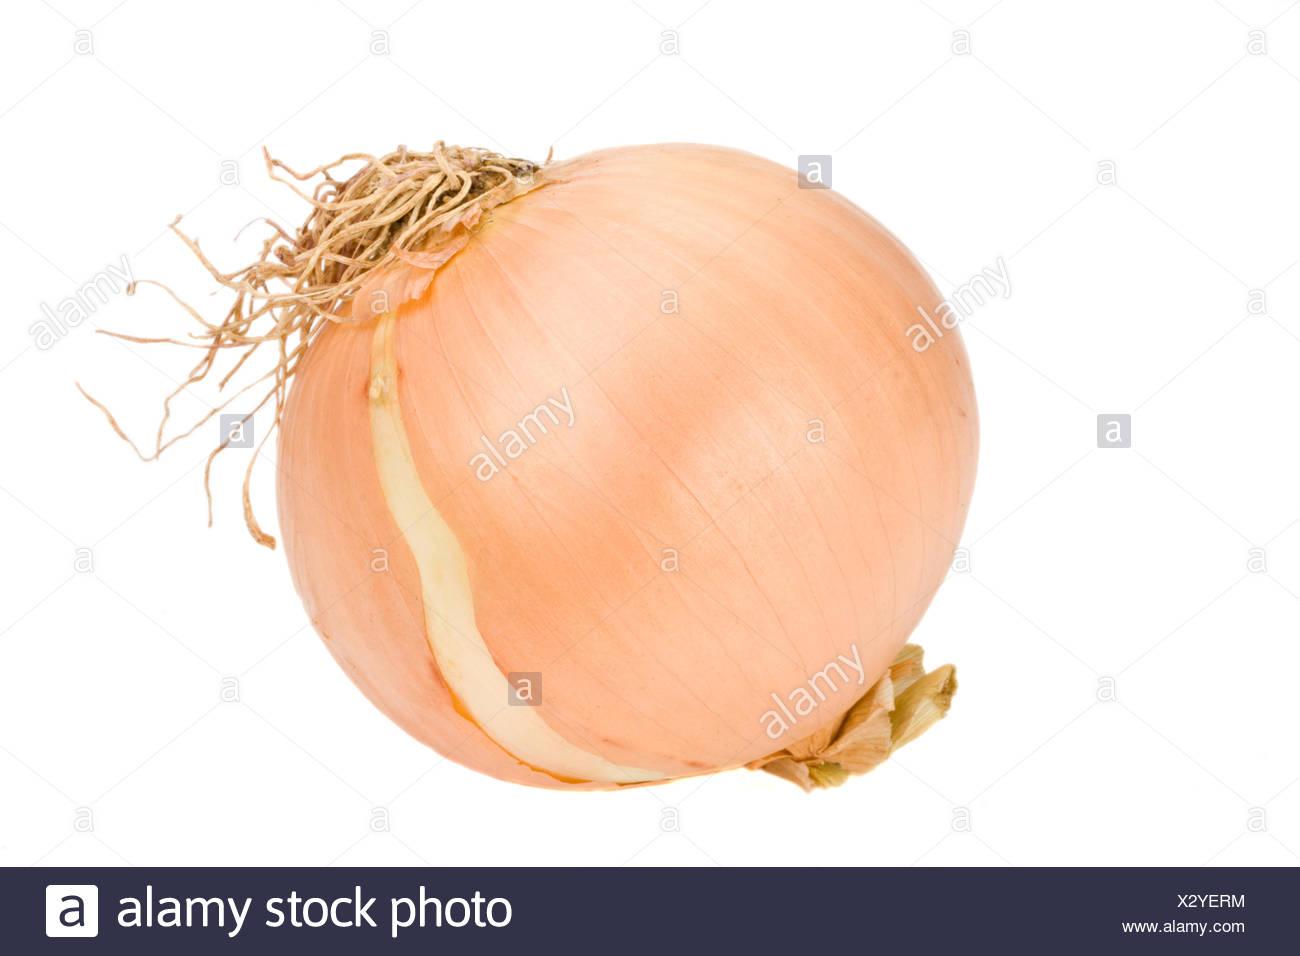 Einzelne Zwiebel auf weißem Hintergrund - Stock Image